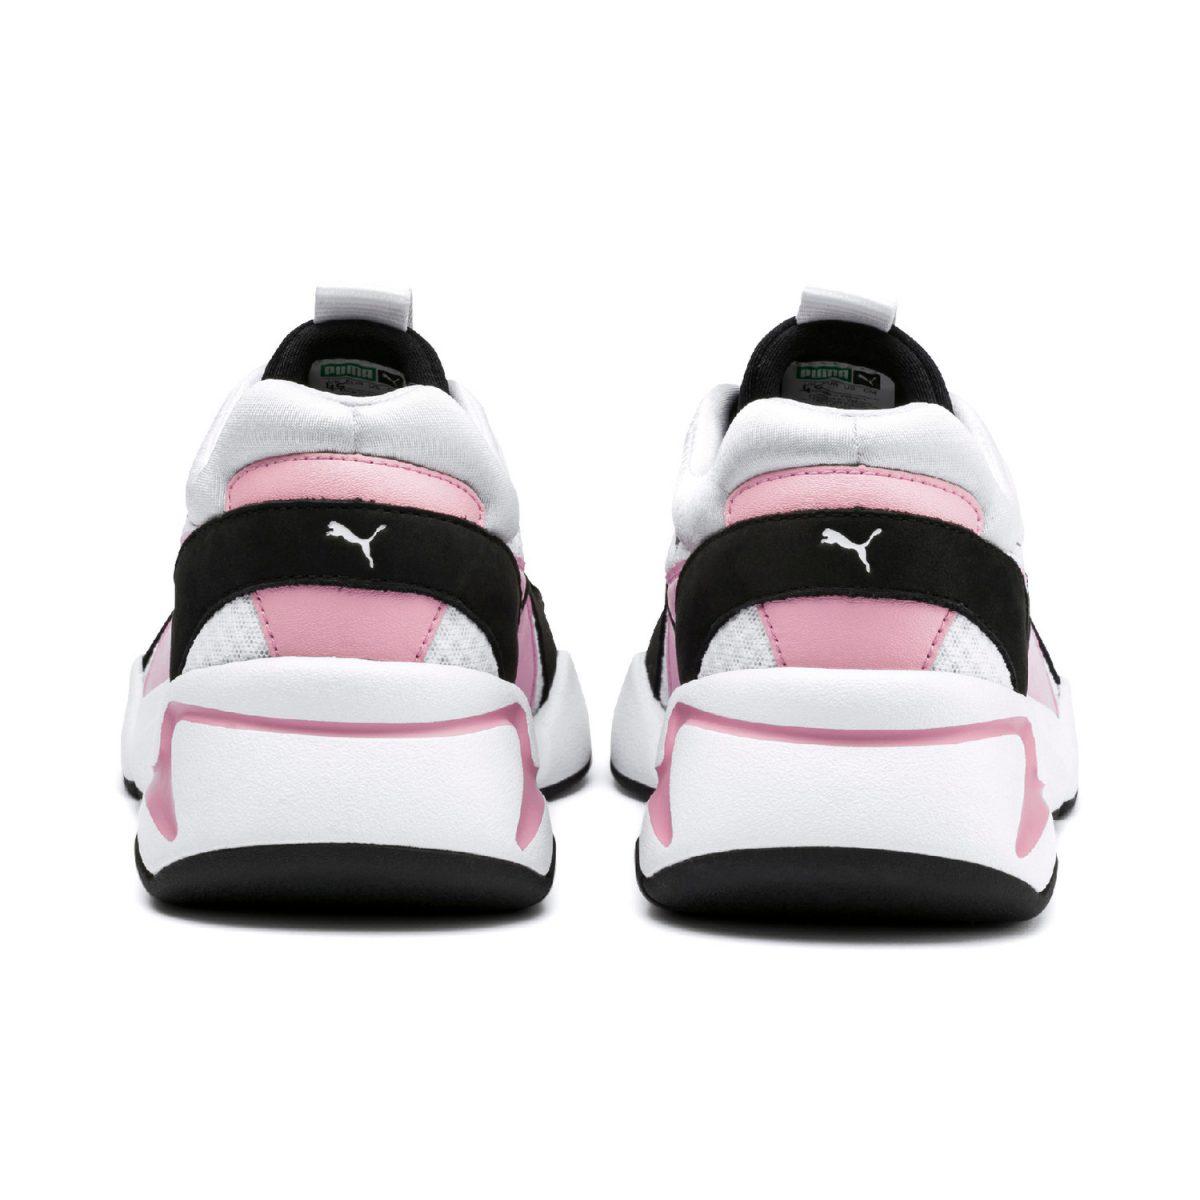 puma nova sneaker no brasil 11 - NOVA: O tênis da PUMA para mulheres com atitude